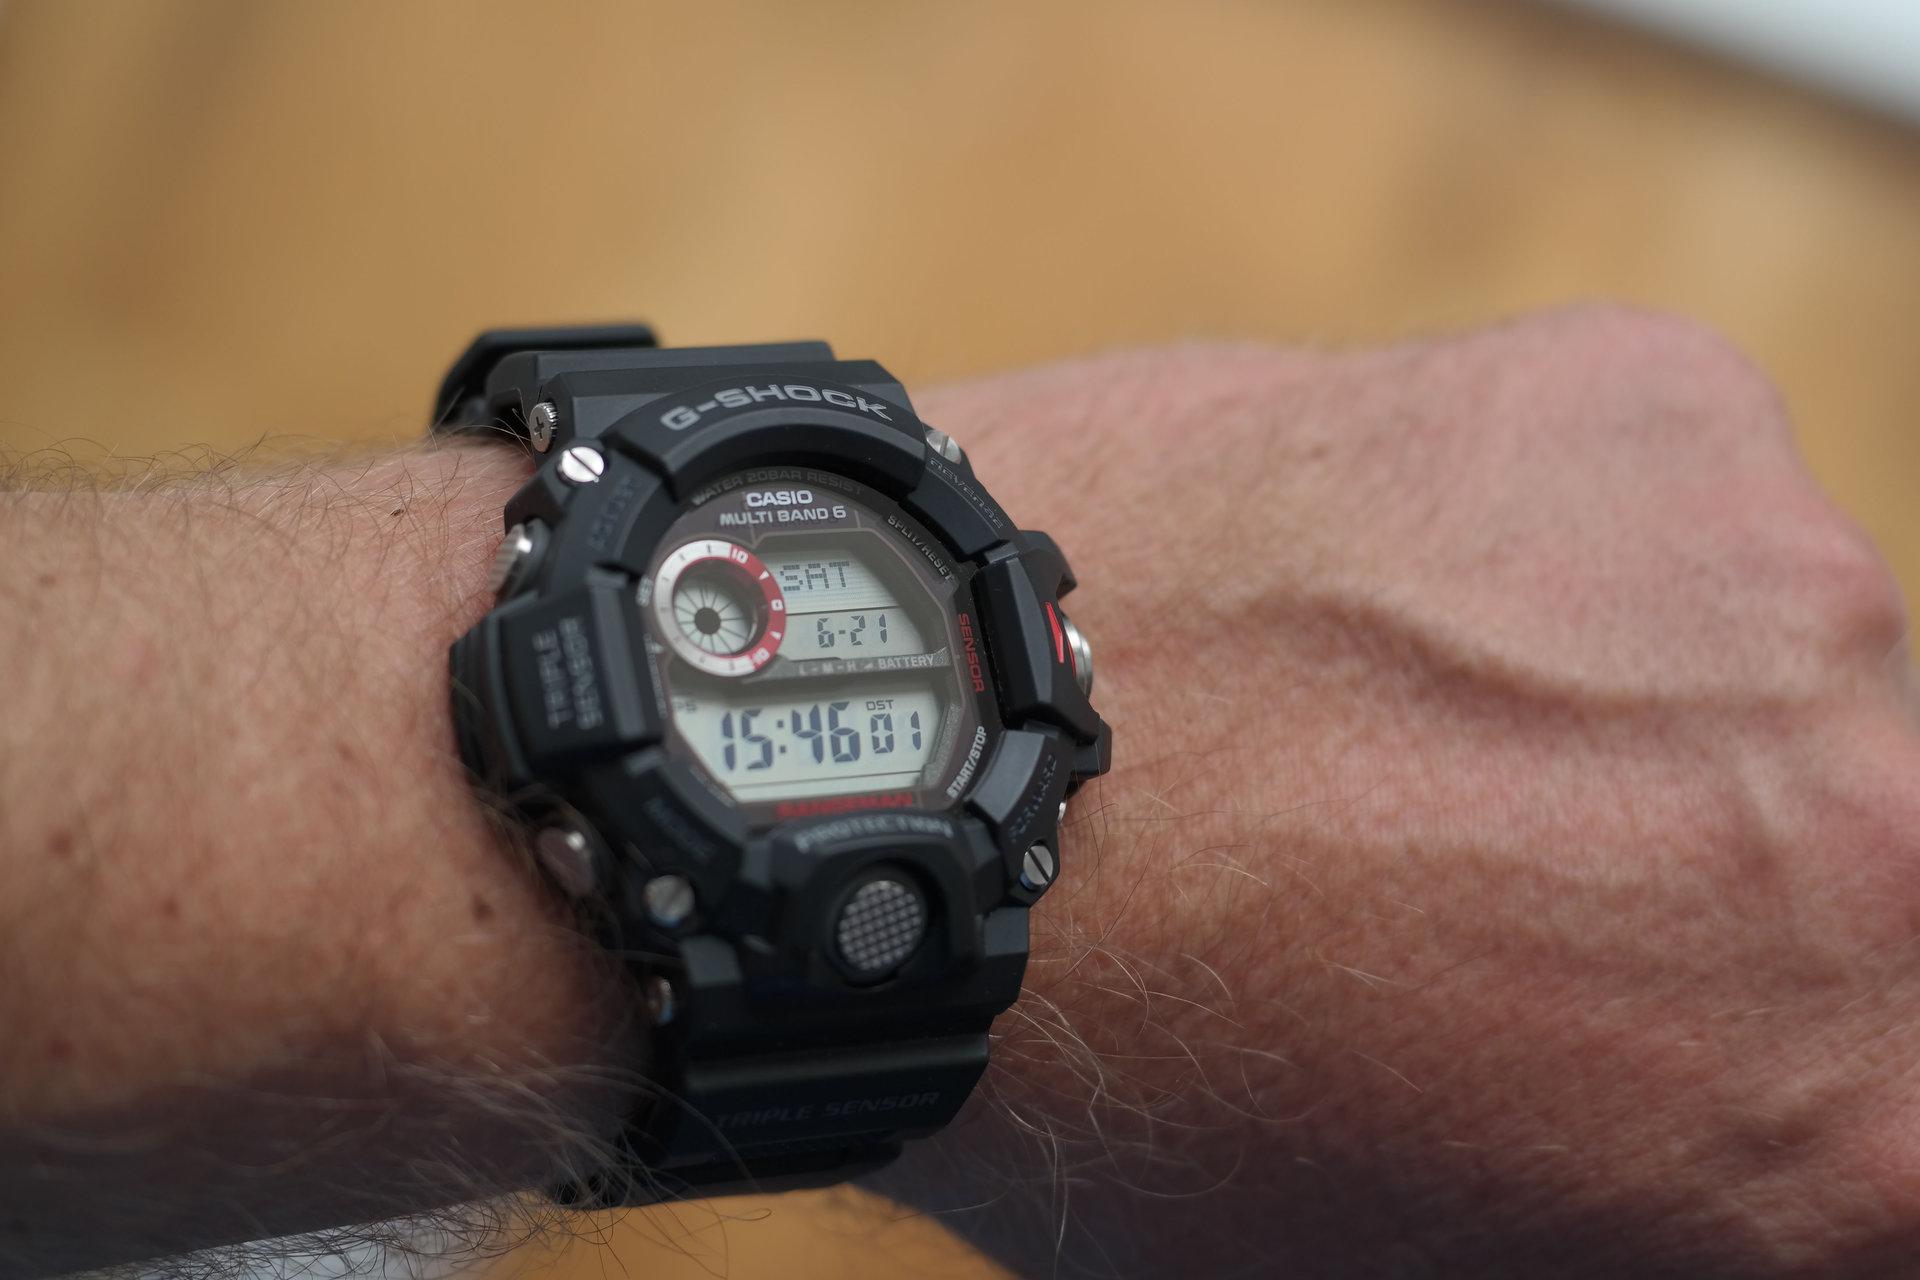 [Erledigt] Casio G-Shock GW-9400-1ER Rangeman - UhrForum